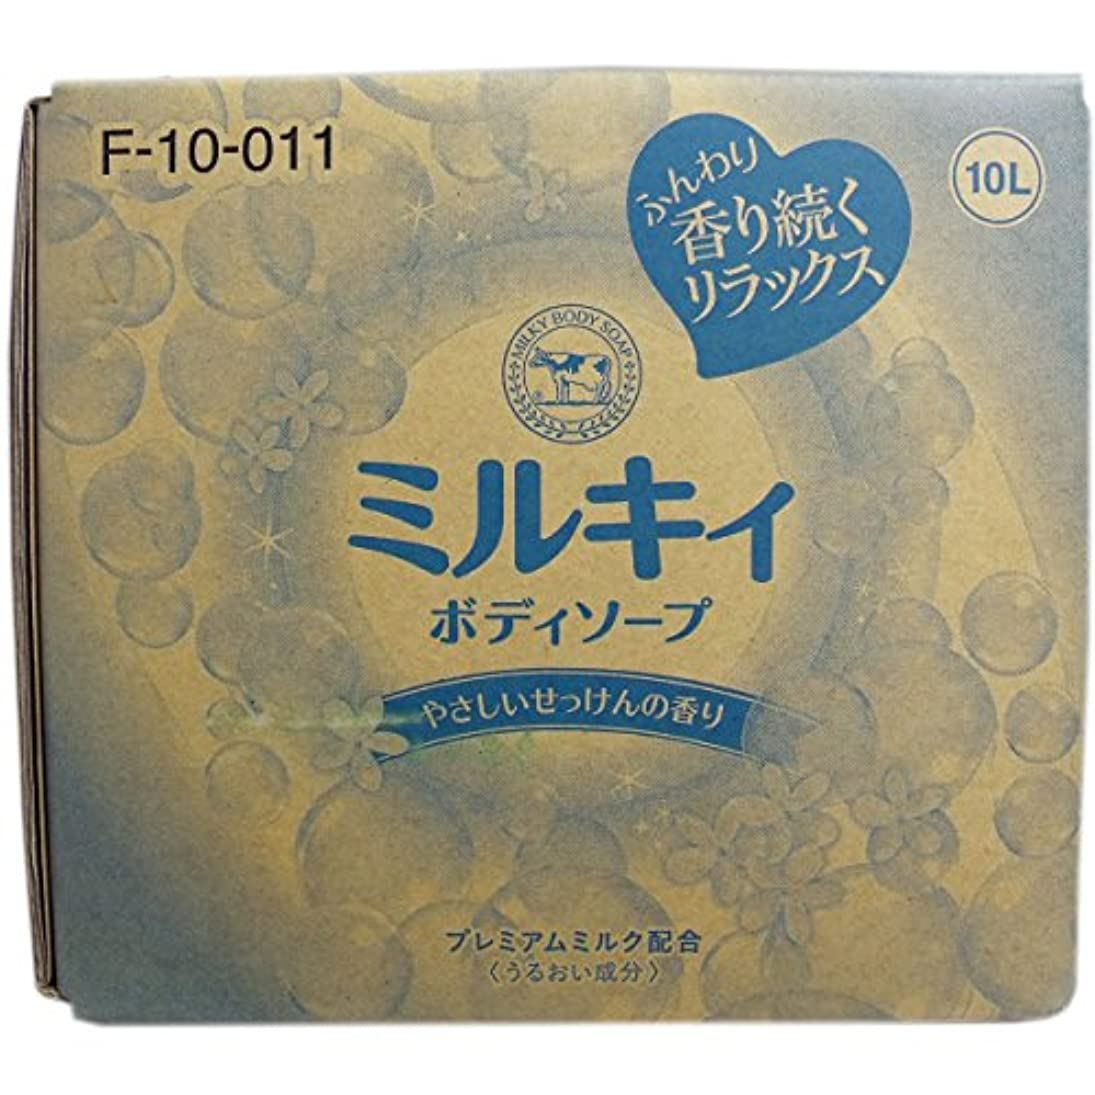 楽しむ見る人に関する限りミルキィ ボディソープ やさしいせっけんの香り 業務用 10L